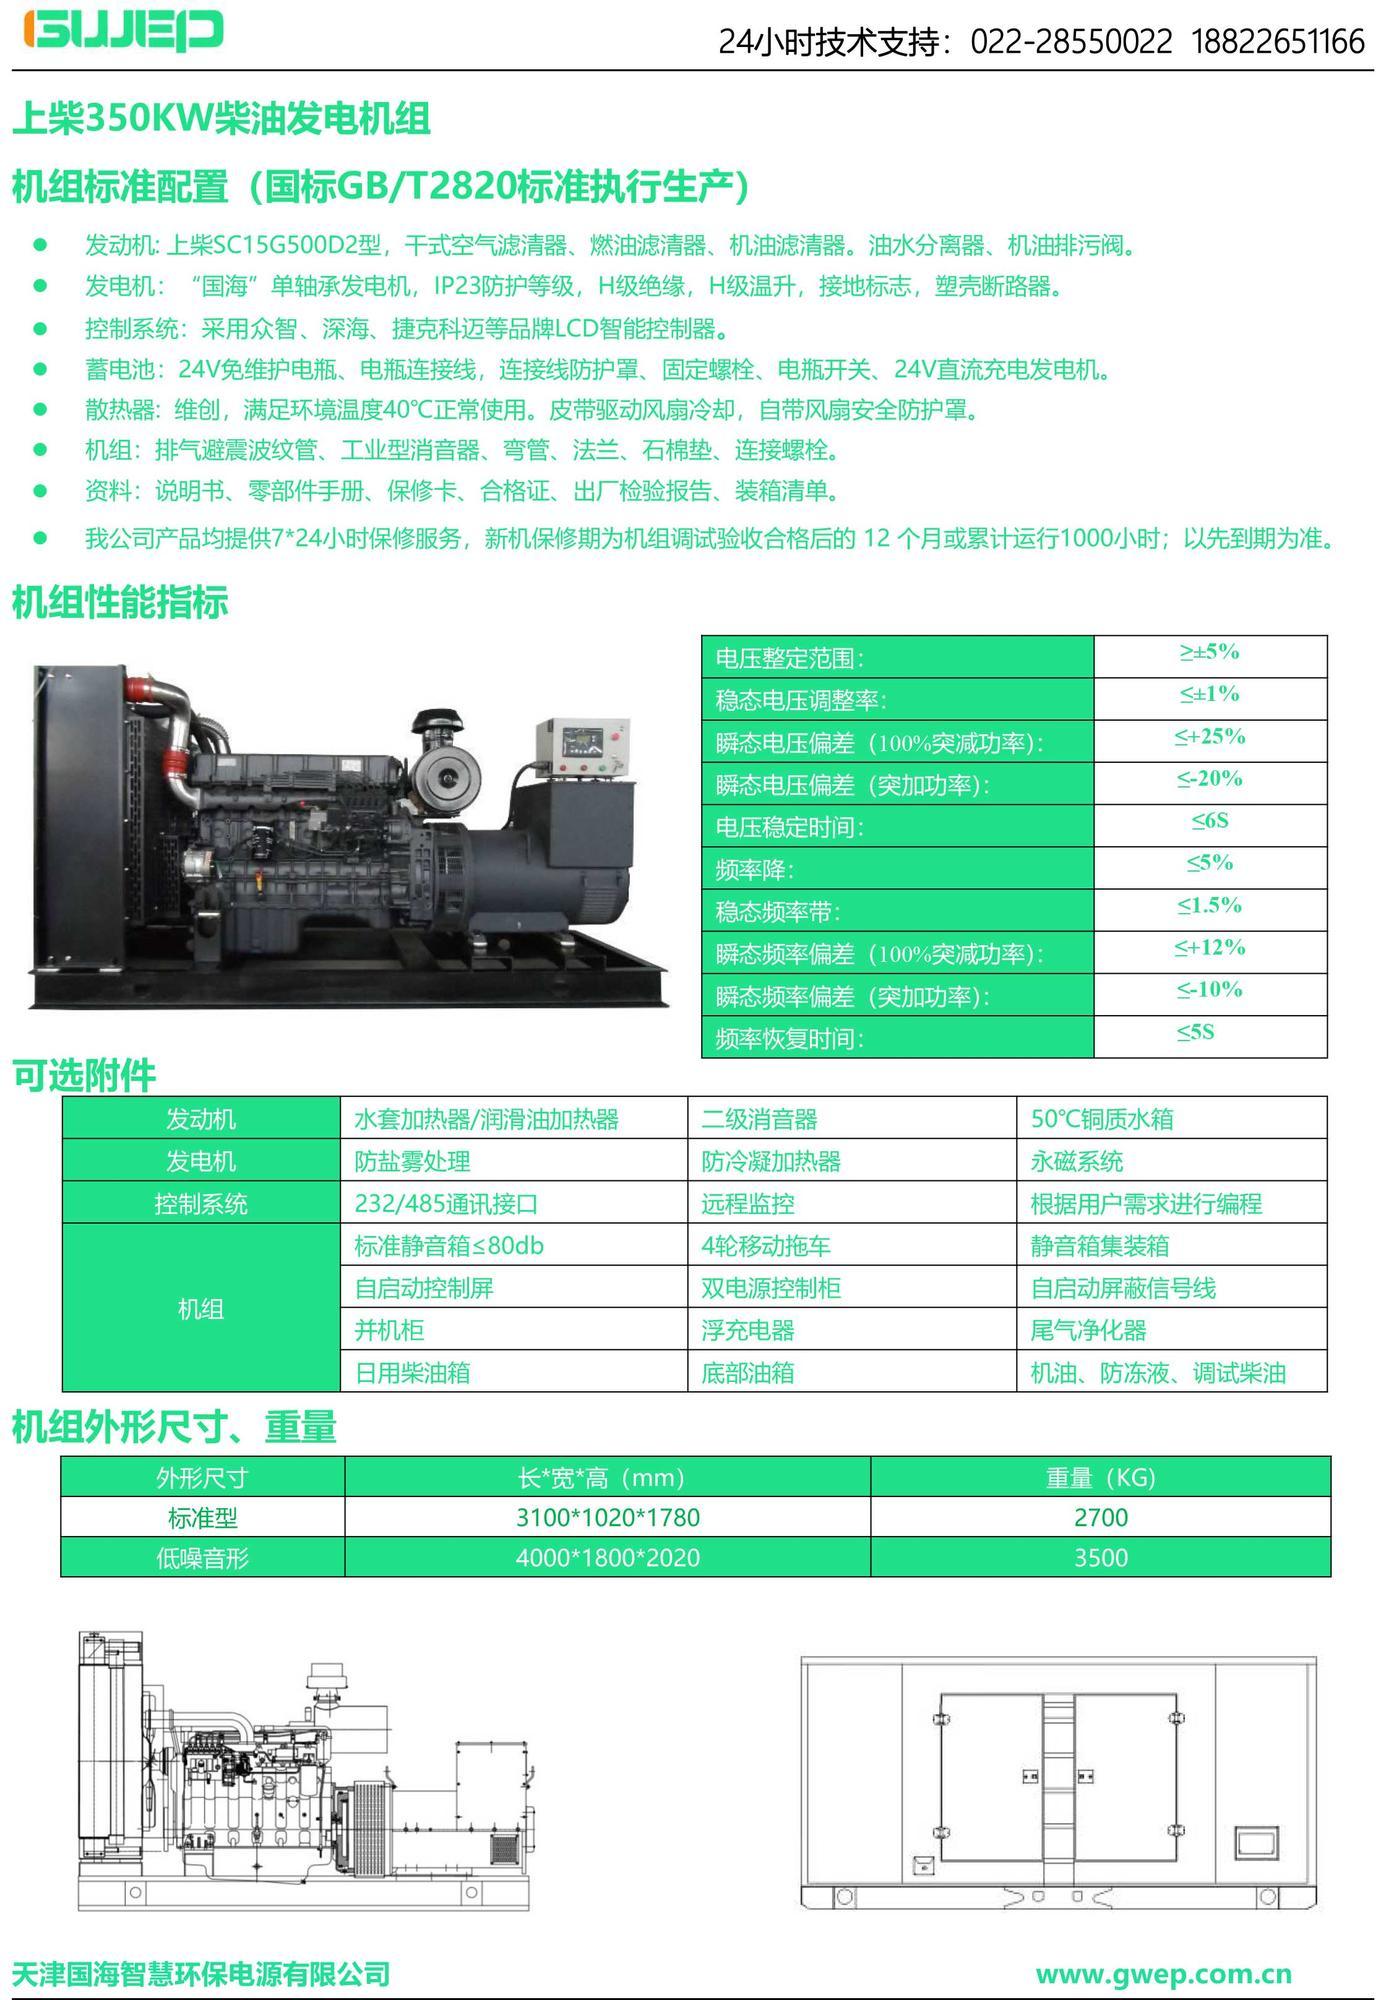 上柴350KW发电机组技术资料-1.jpg